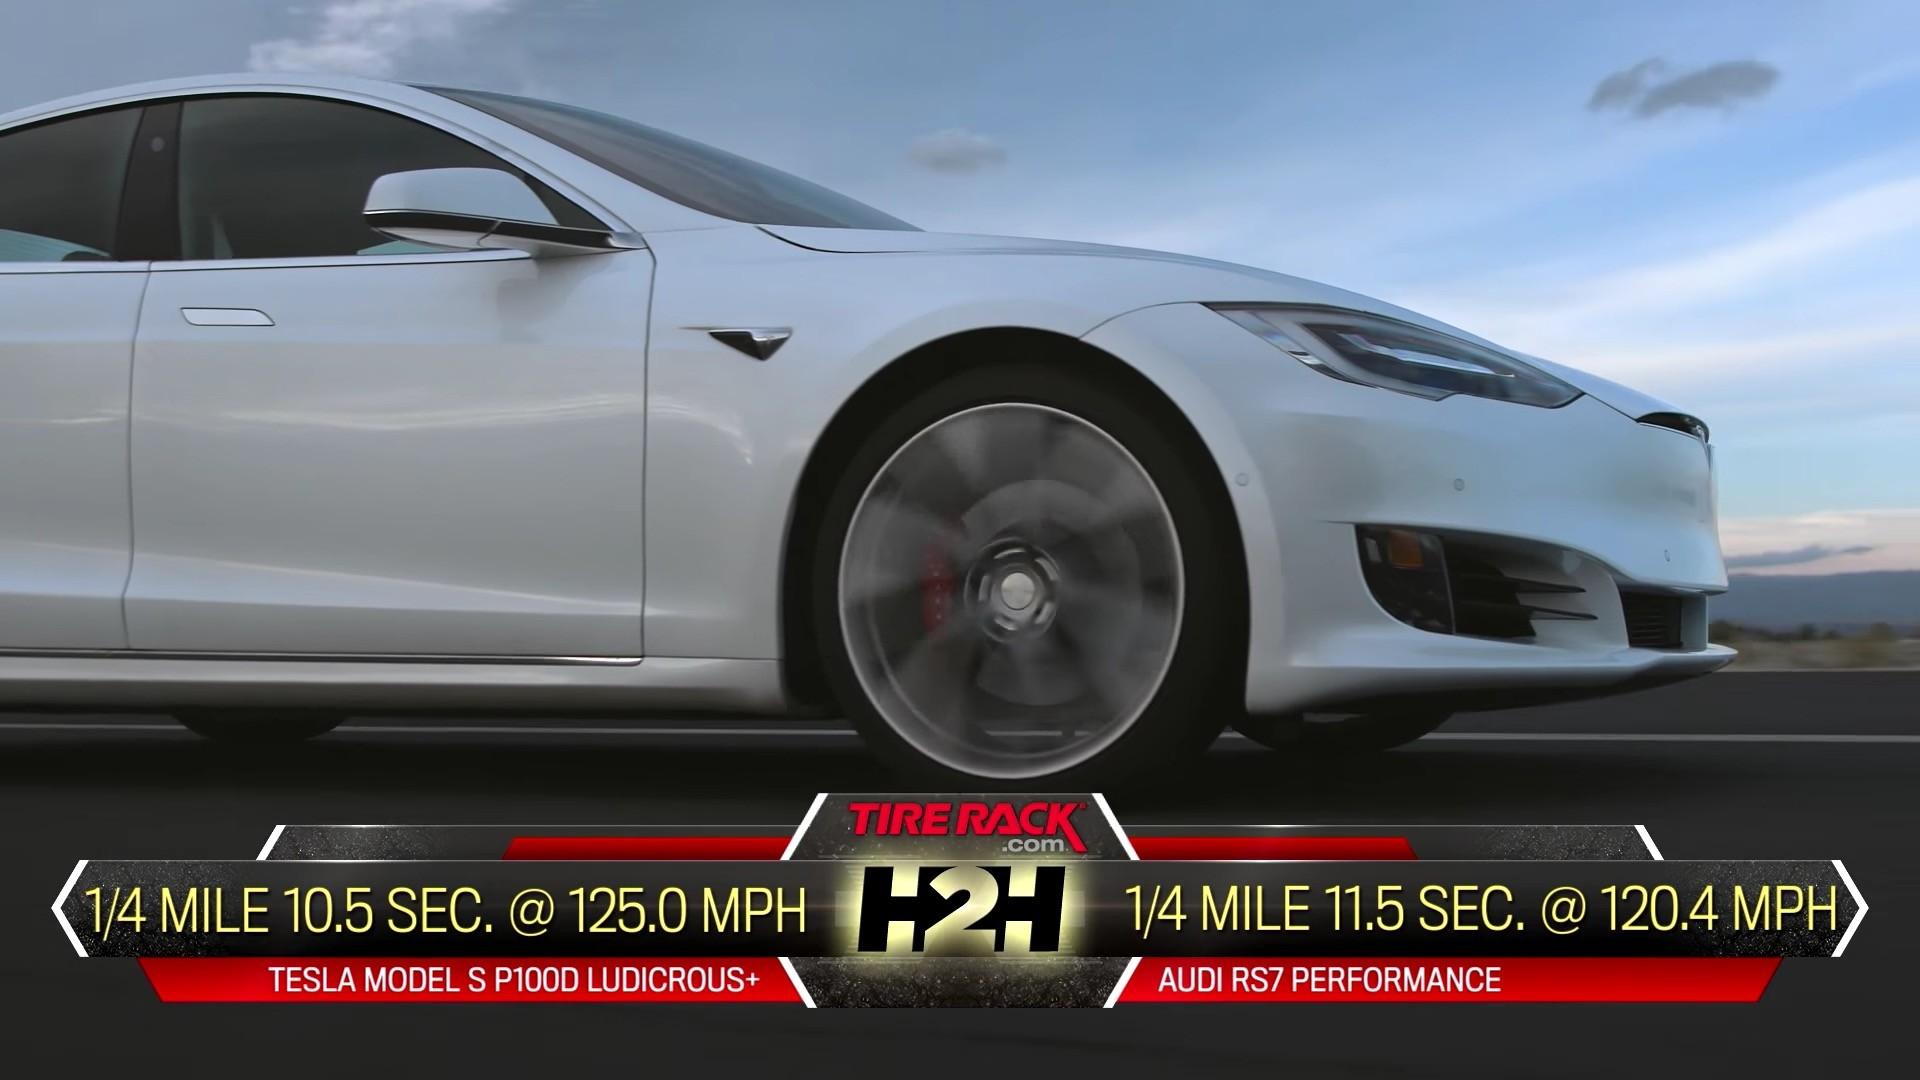 Audi Rs7 0 60 >> 2017 Tesla Model S P100d Vs 2017 Audi Rs7 Performance   Autos Post